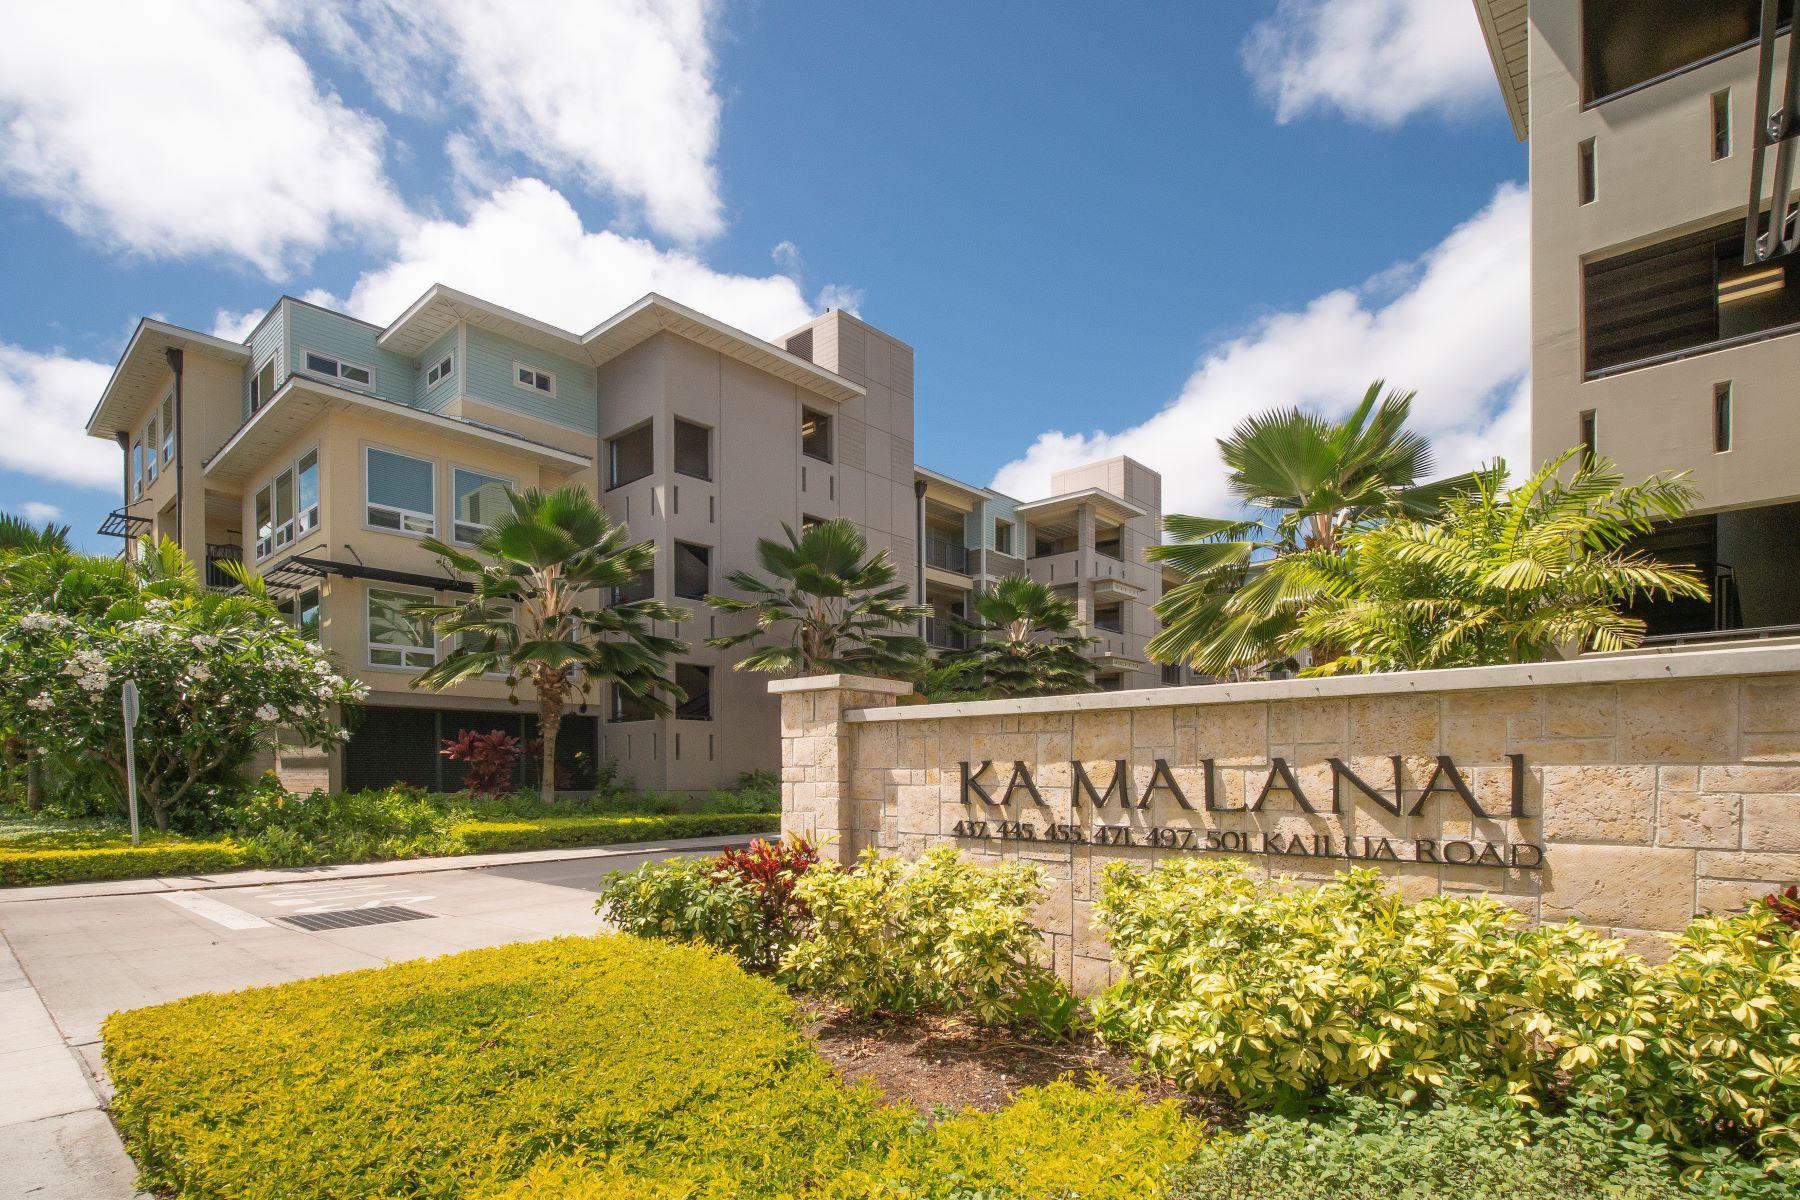 Condominiums for Sale at Ka Malanai@Kailua, Kailua Town, Mountain Views, Sunrise Views, Sunset Views 361 Kailua Road #8303 Kailua, Hawaii 96734 United States